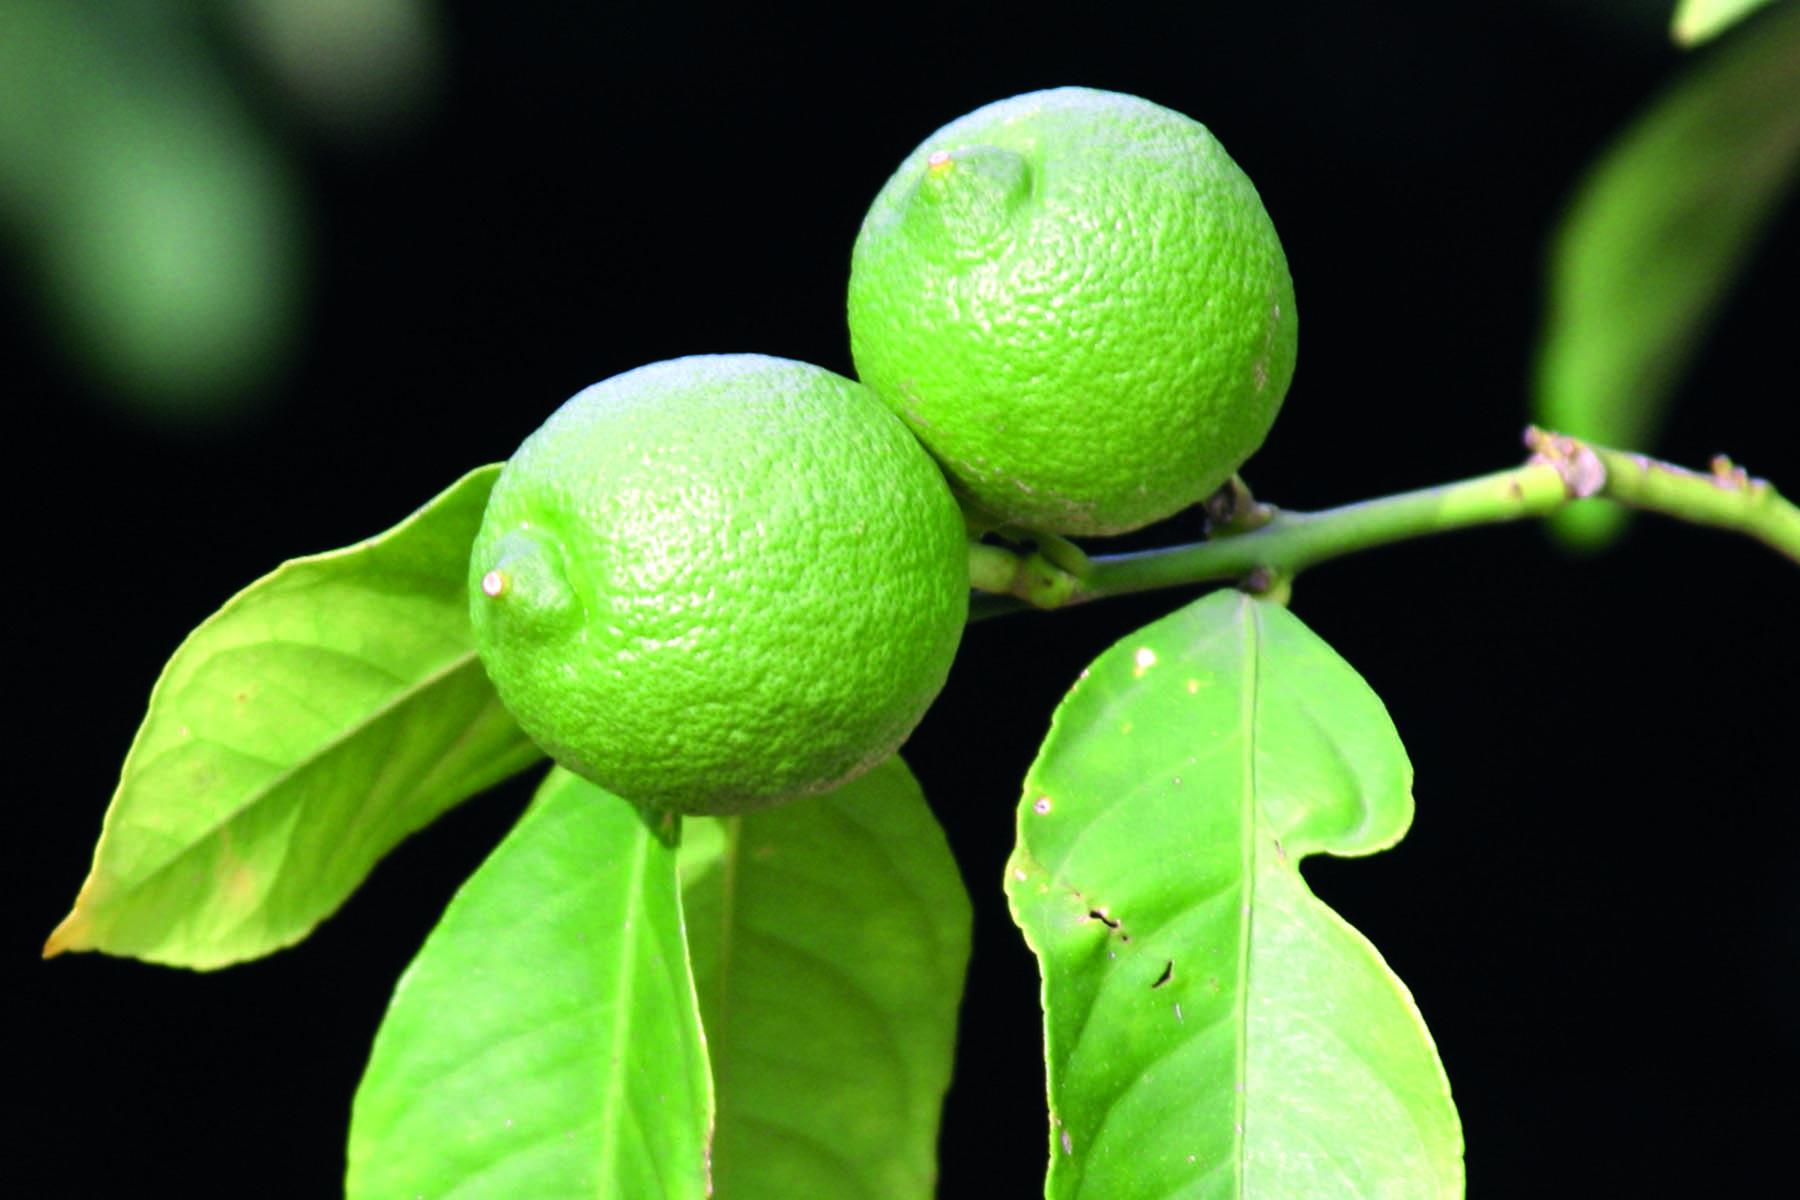 Två limefrukter på en gren